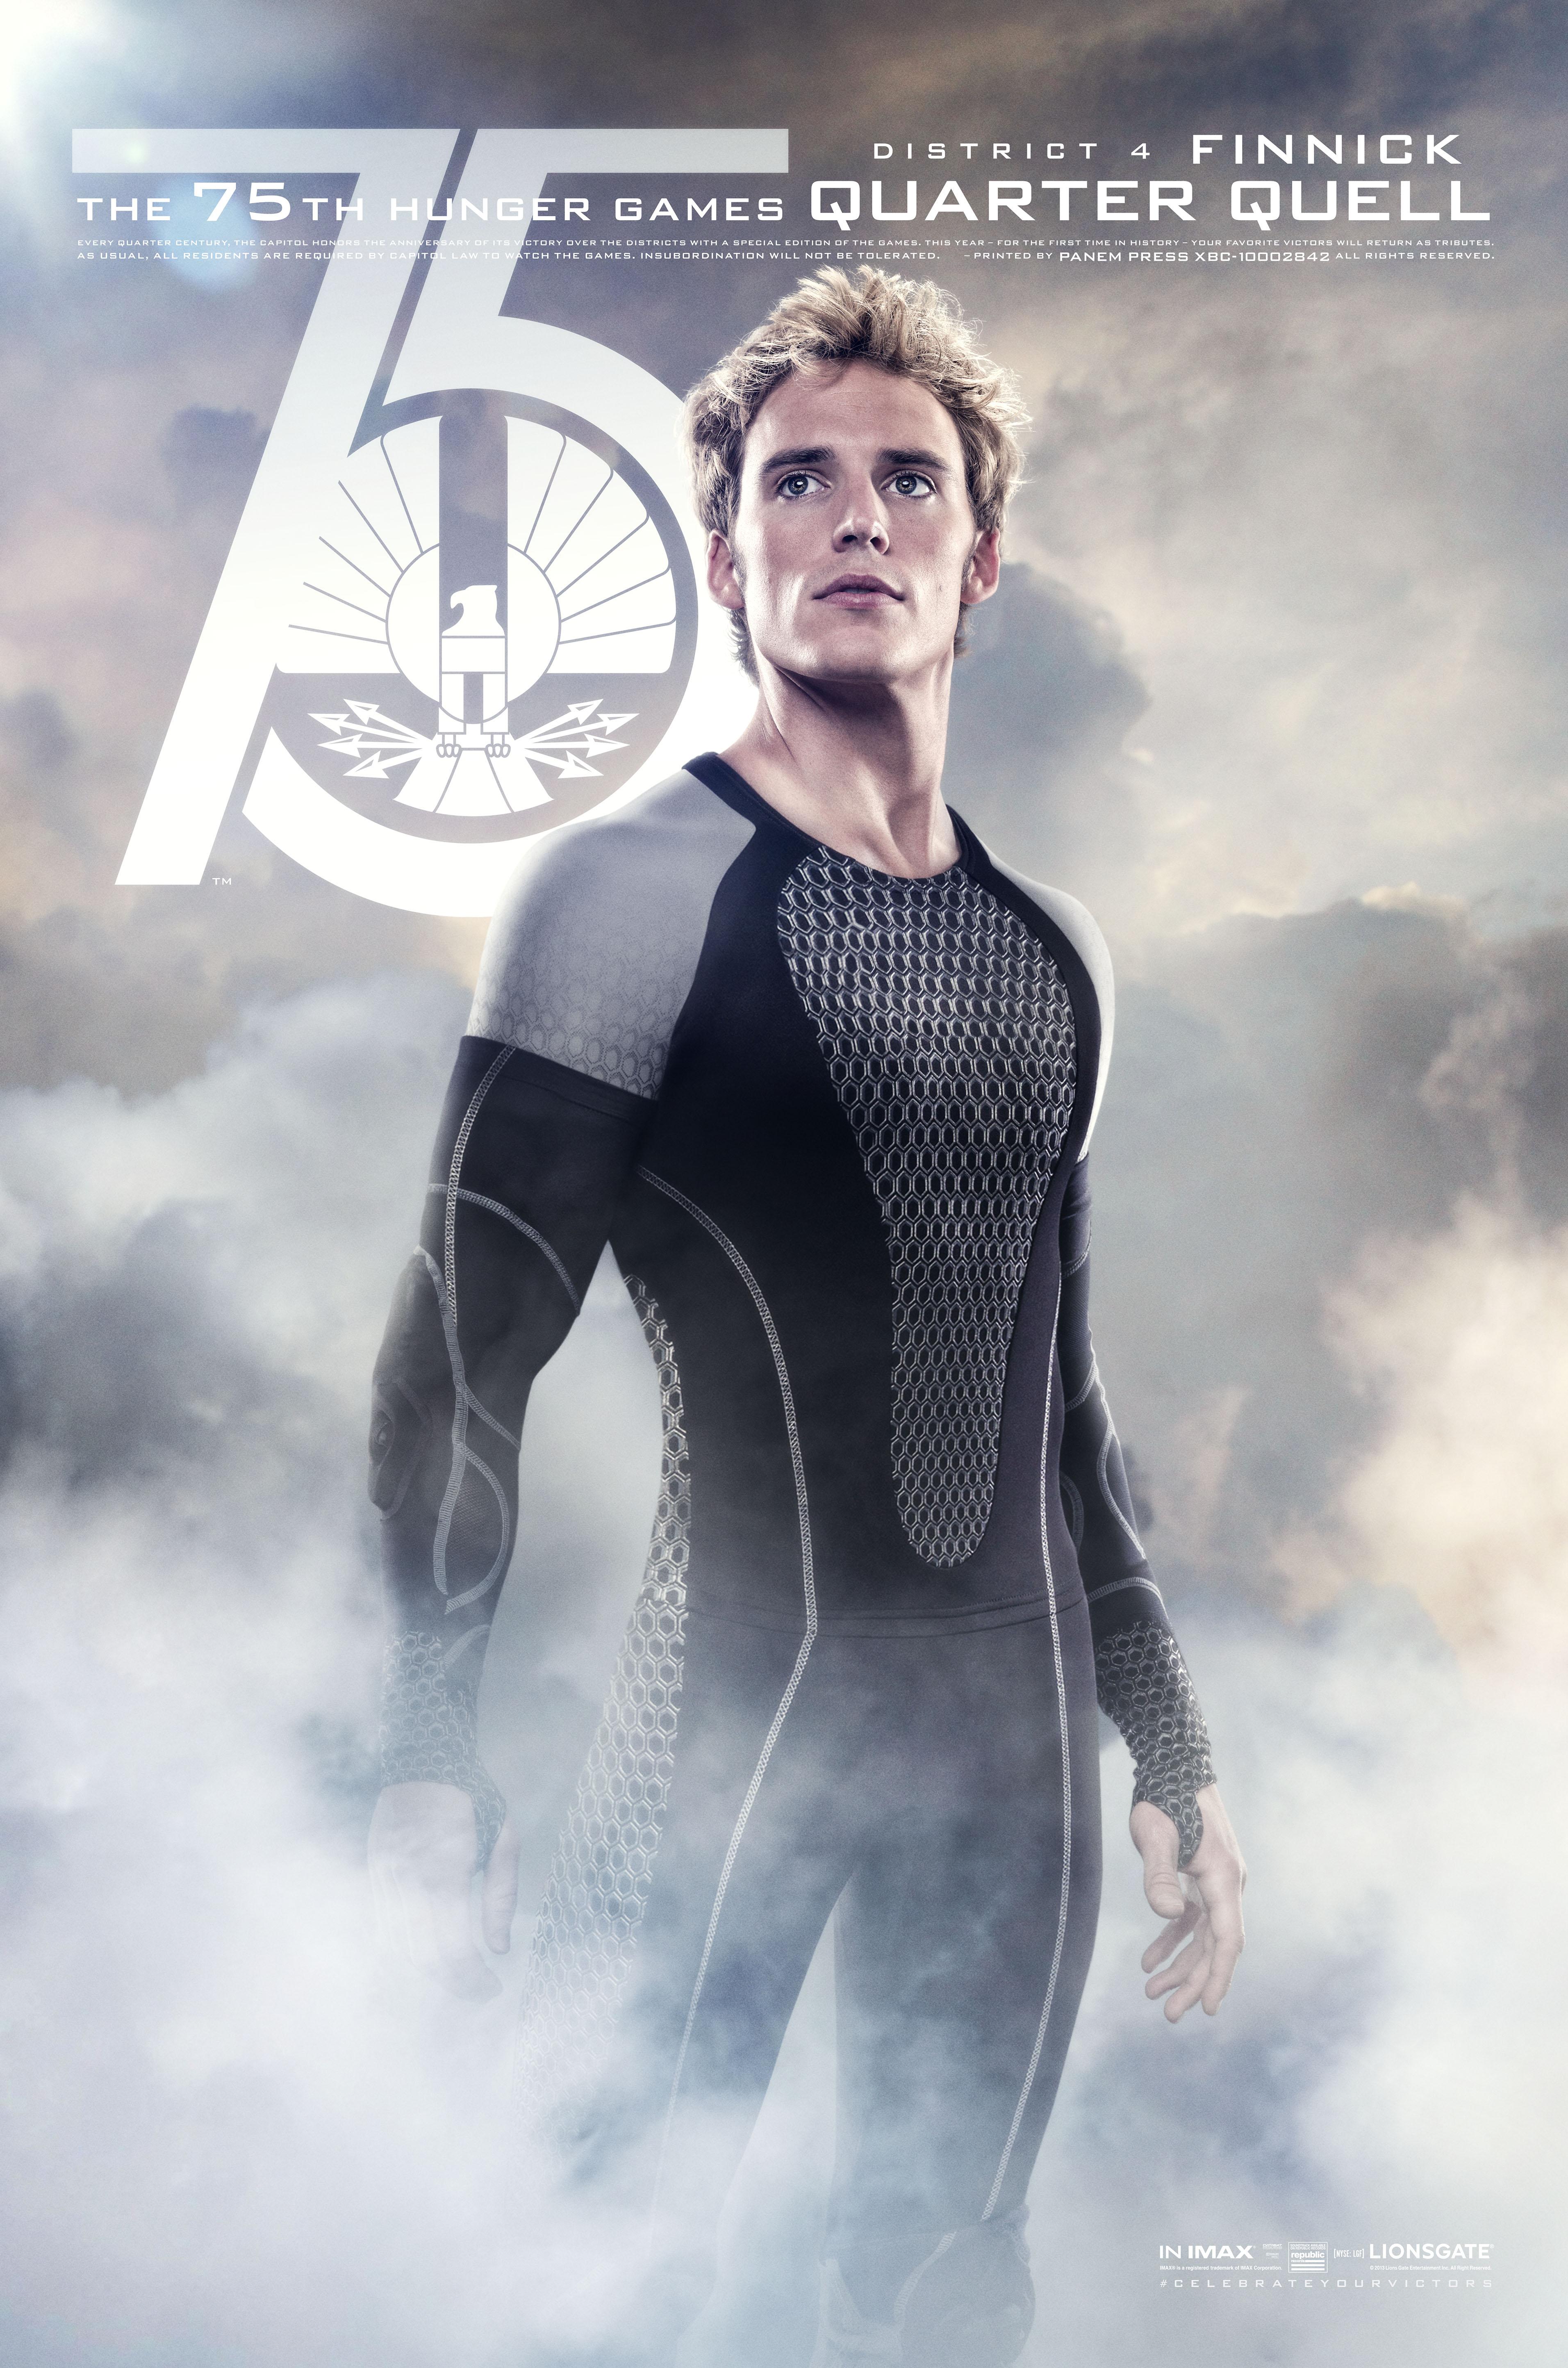 Hunger Games Quarter Quell Poster Finnick